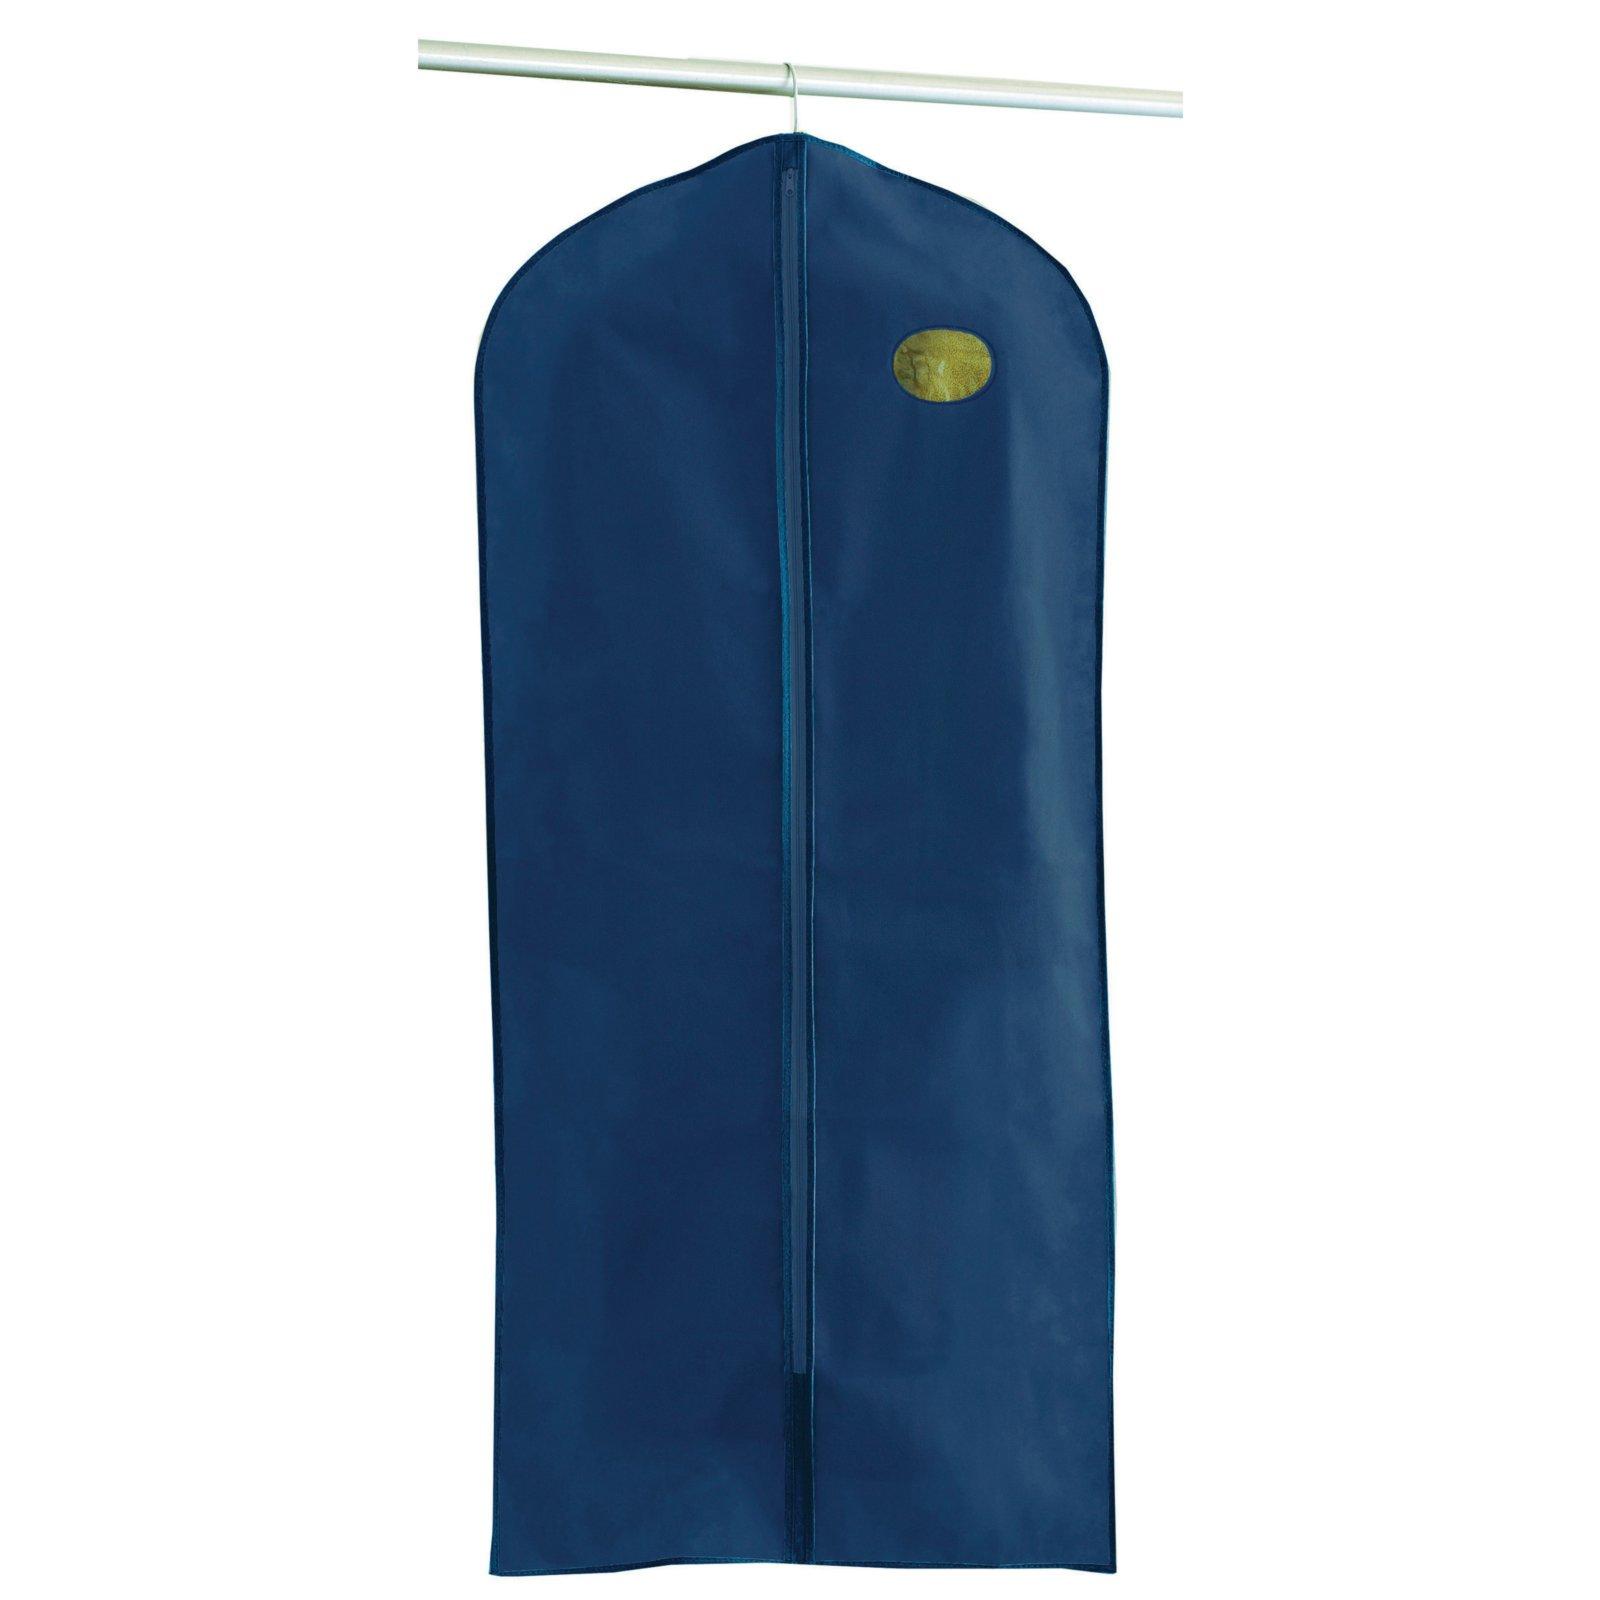 Kleidersack - blau - Faserstoff - 60x150 cm